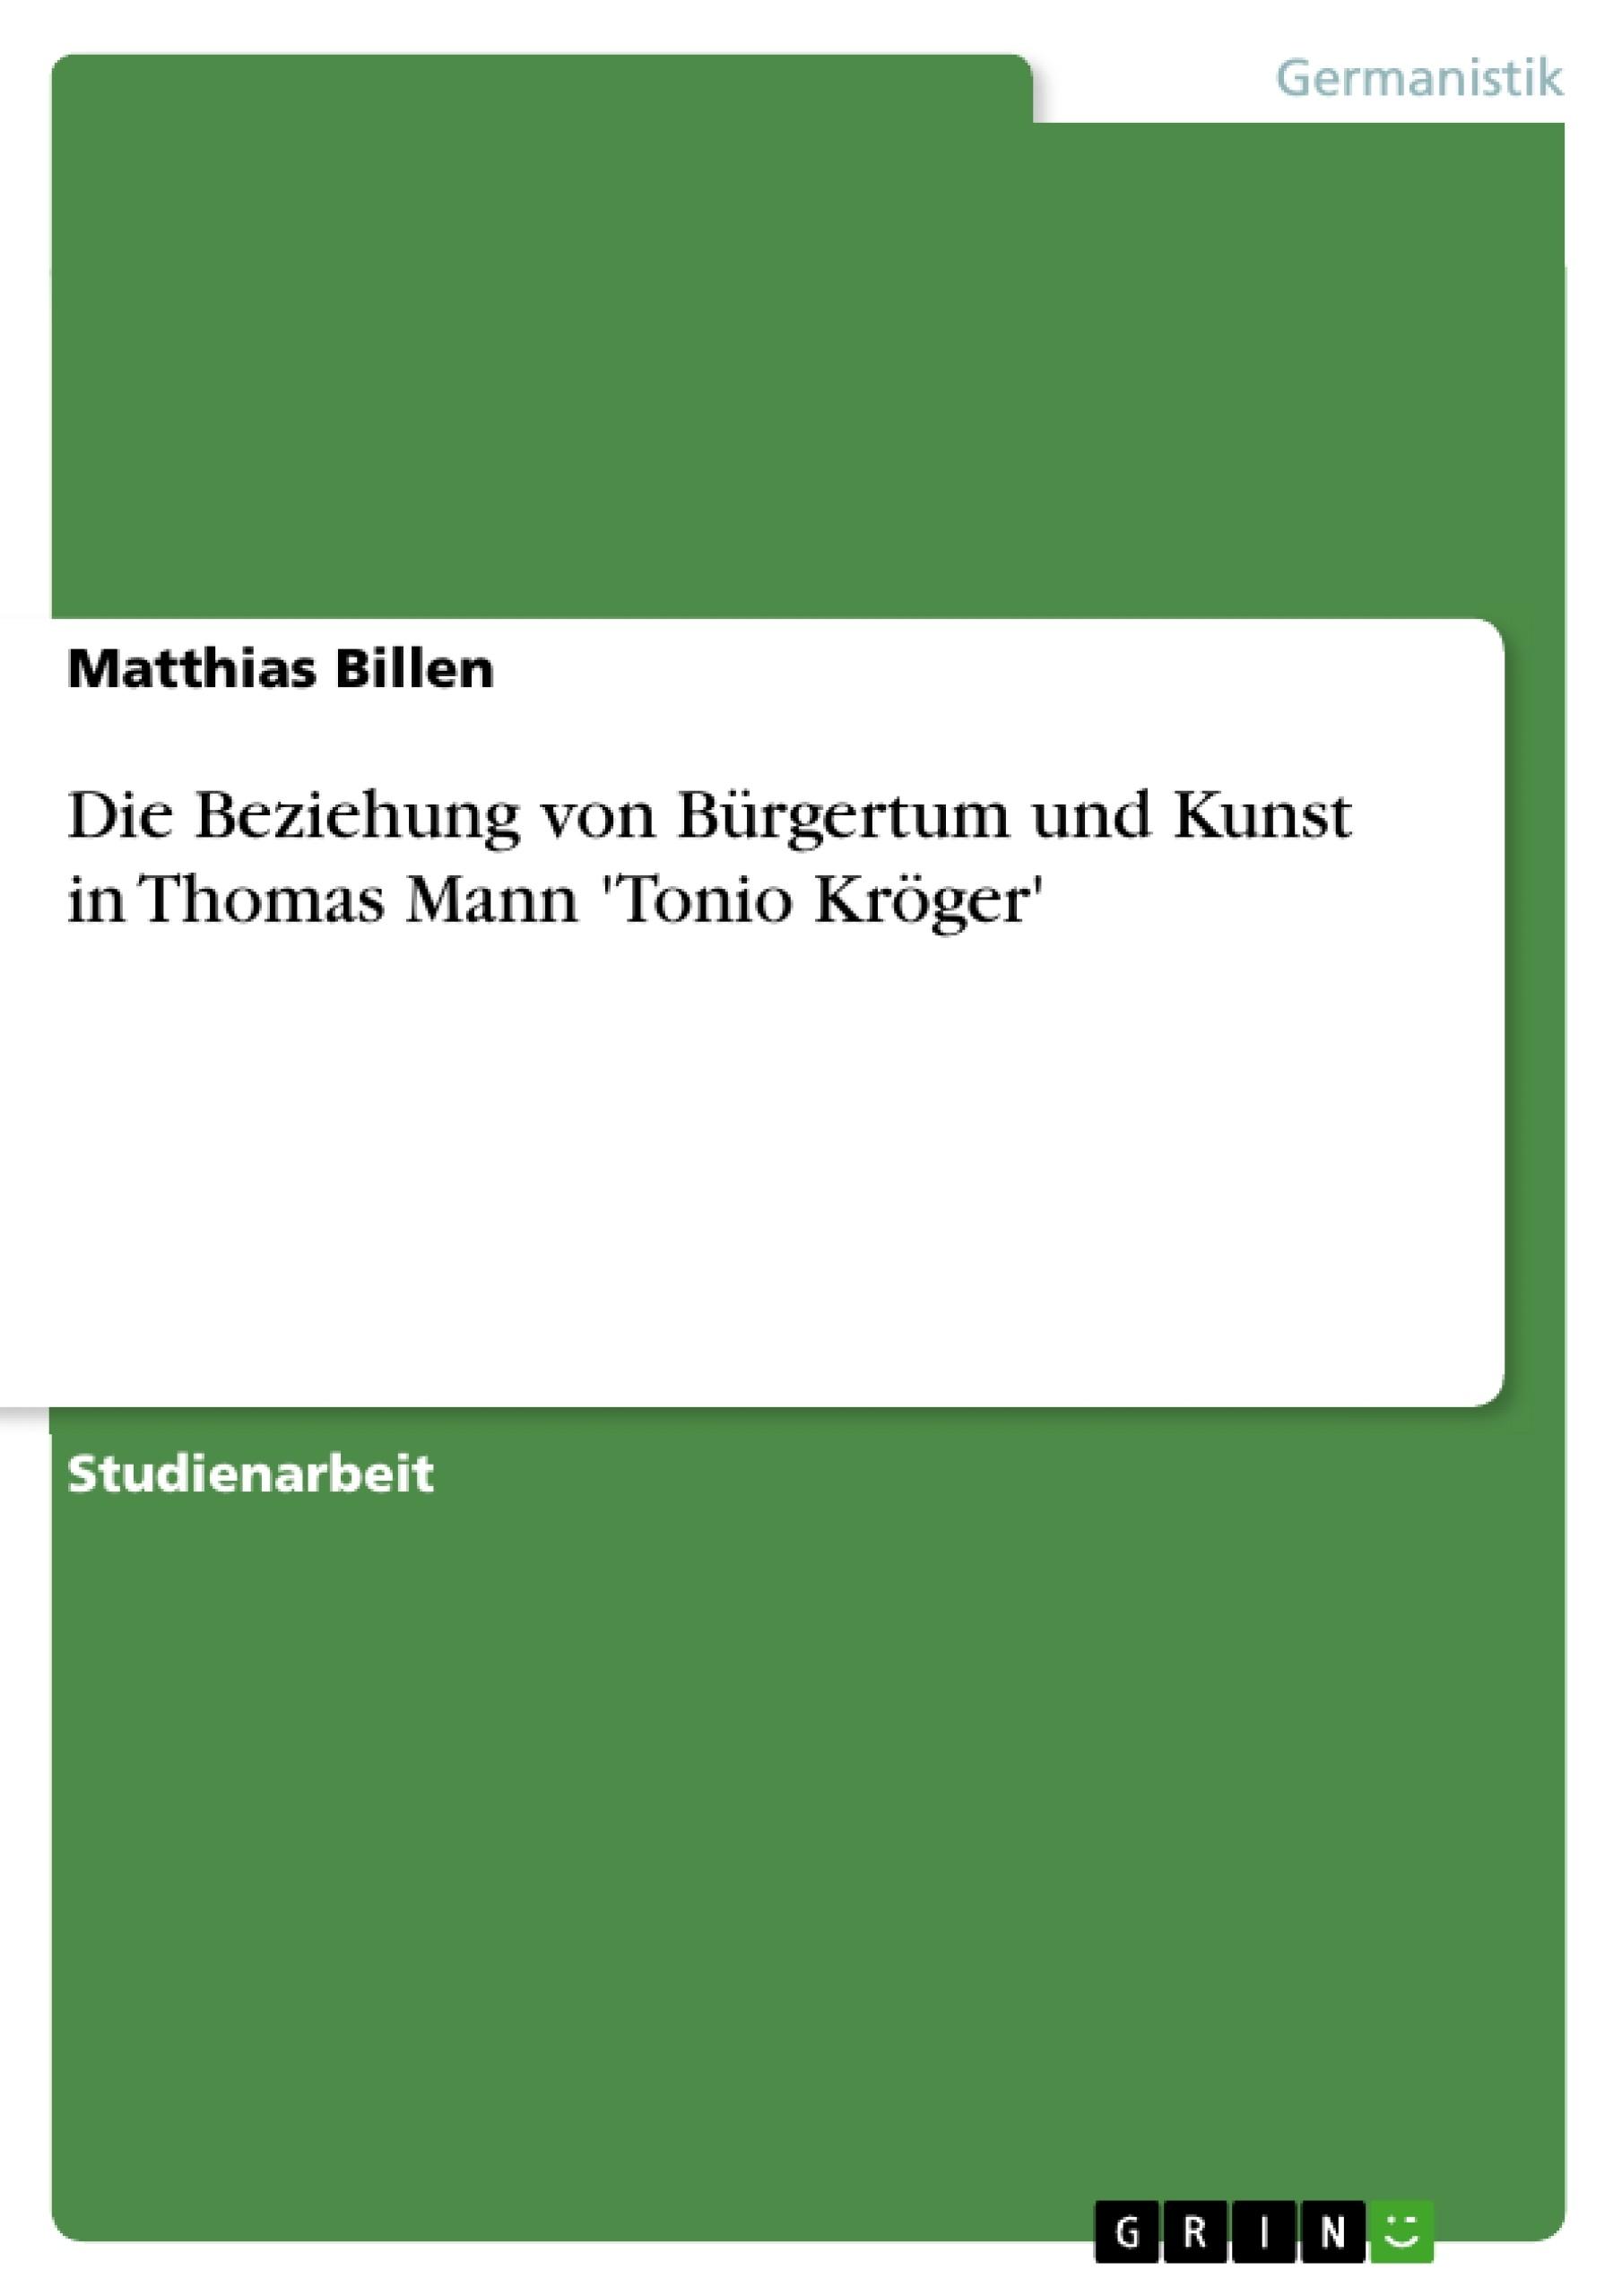 Titel: Die Beziehung von Bürgertum und Kunst in Thomas Mann 'Tonio Kröger'